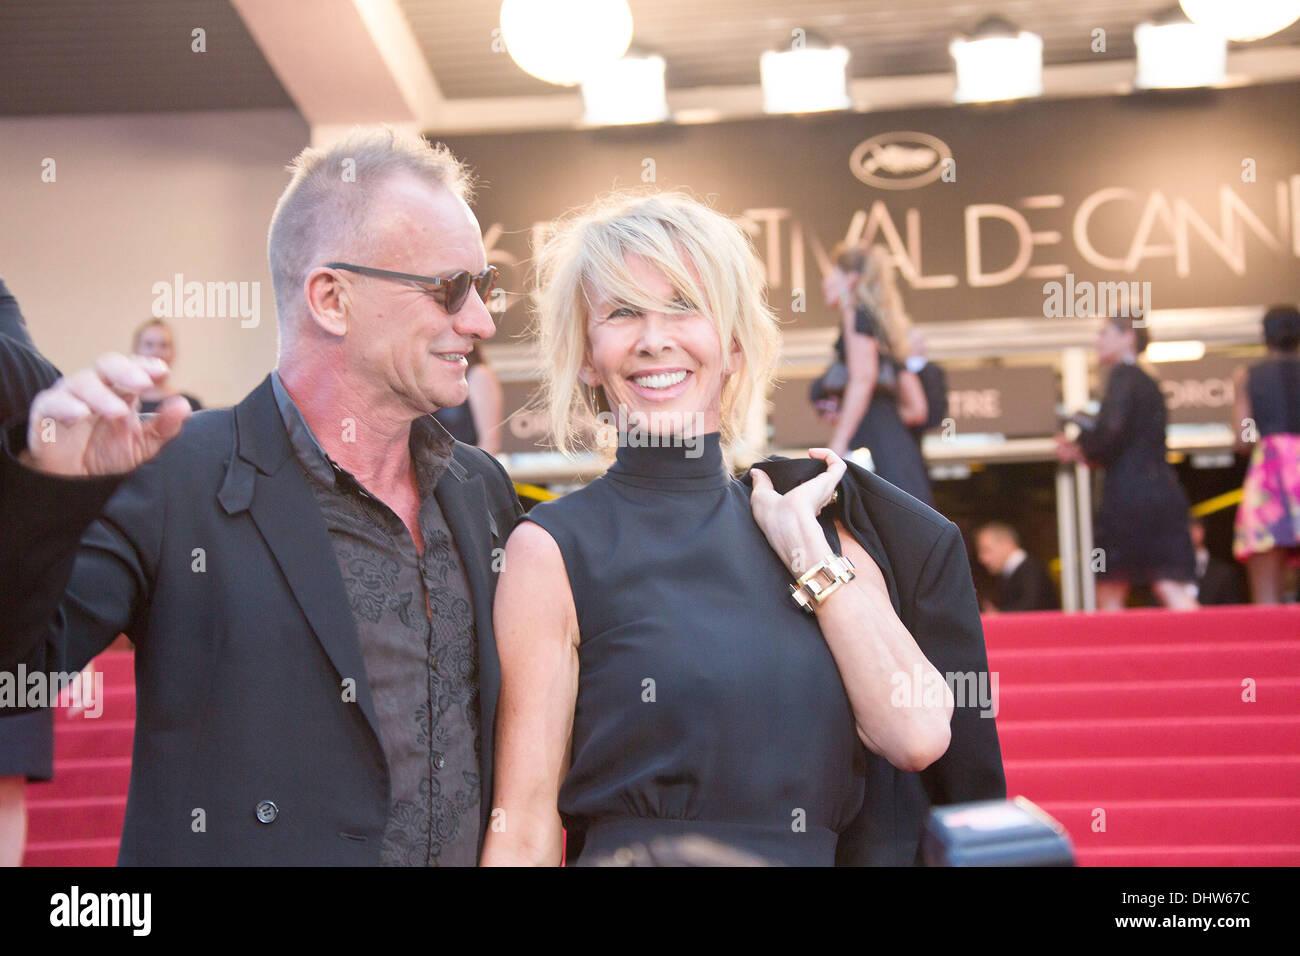 Sting y su esposa Trudie Styler, 'Mud' estreno durante el 65º Festival Anual de Cine de Cannes. Cannes, Francia - 26.05.12 Imagen De Stock